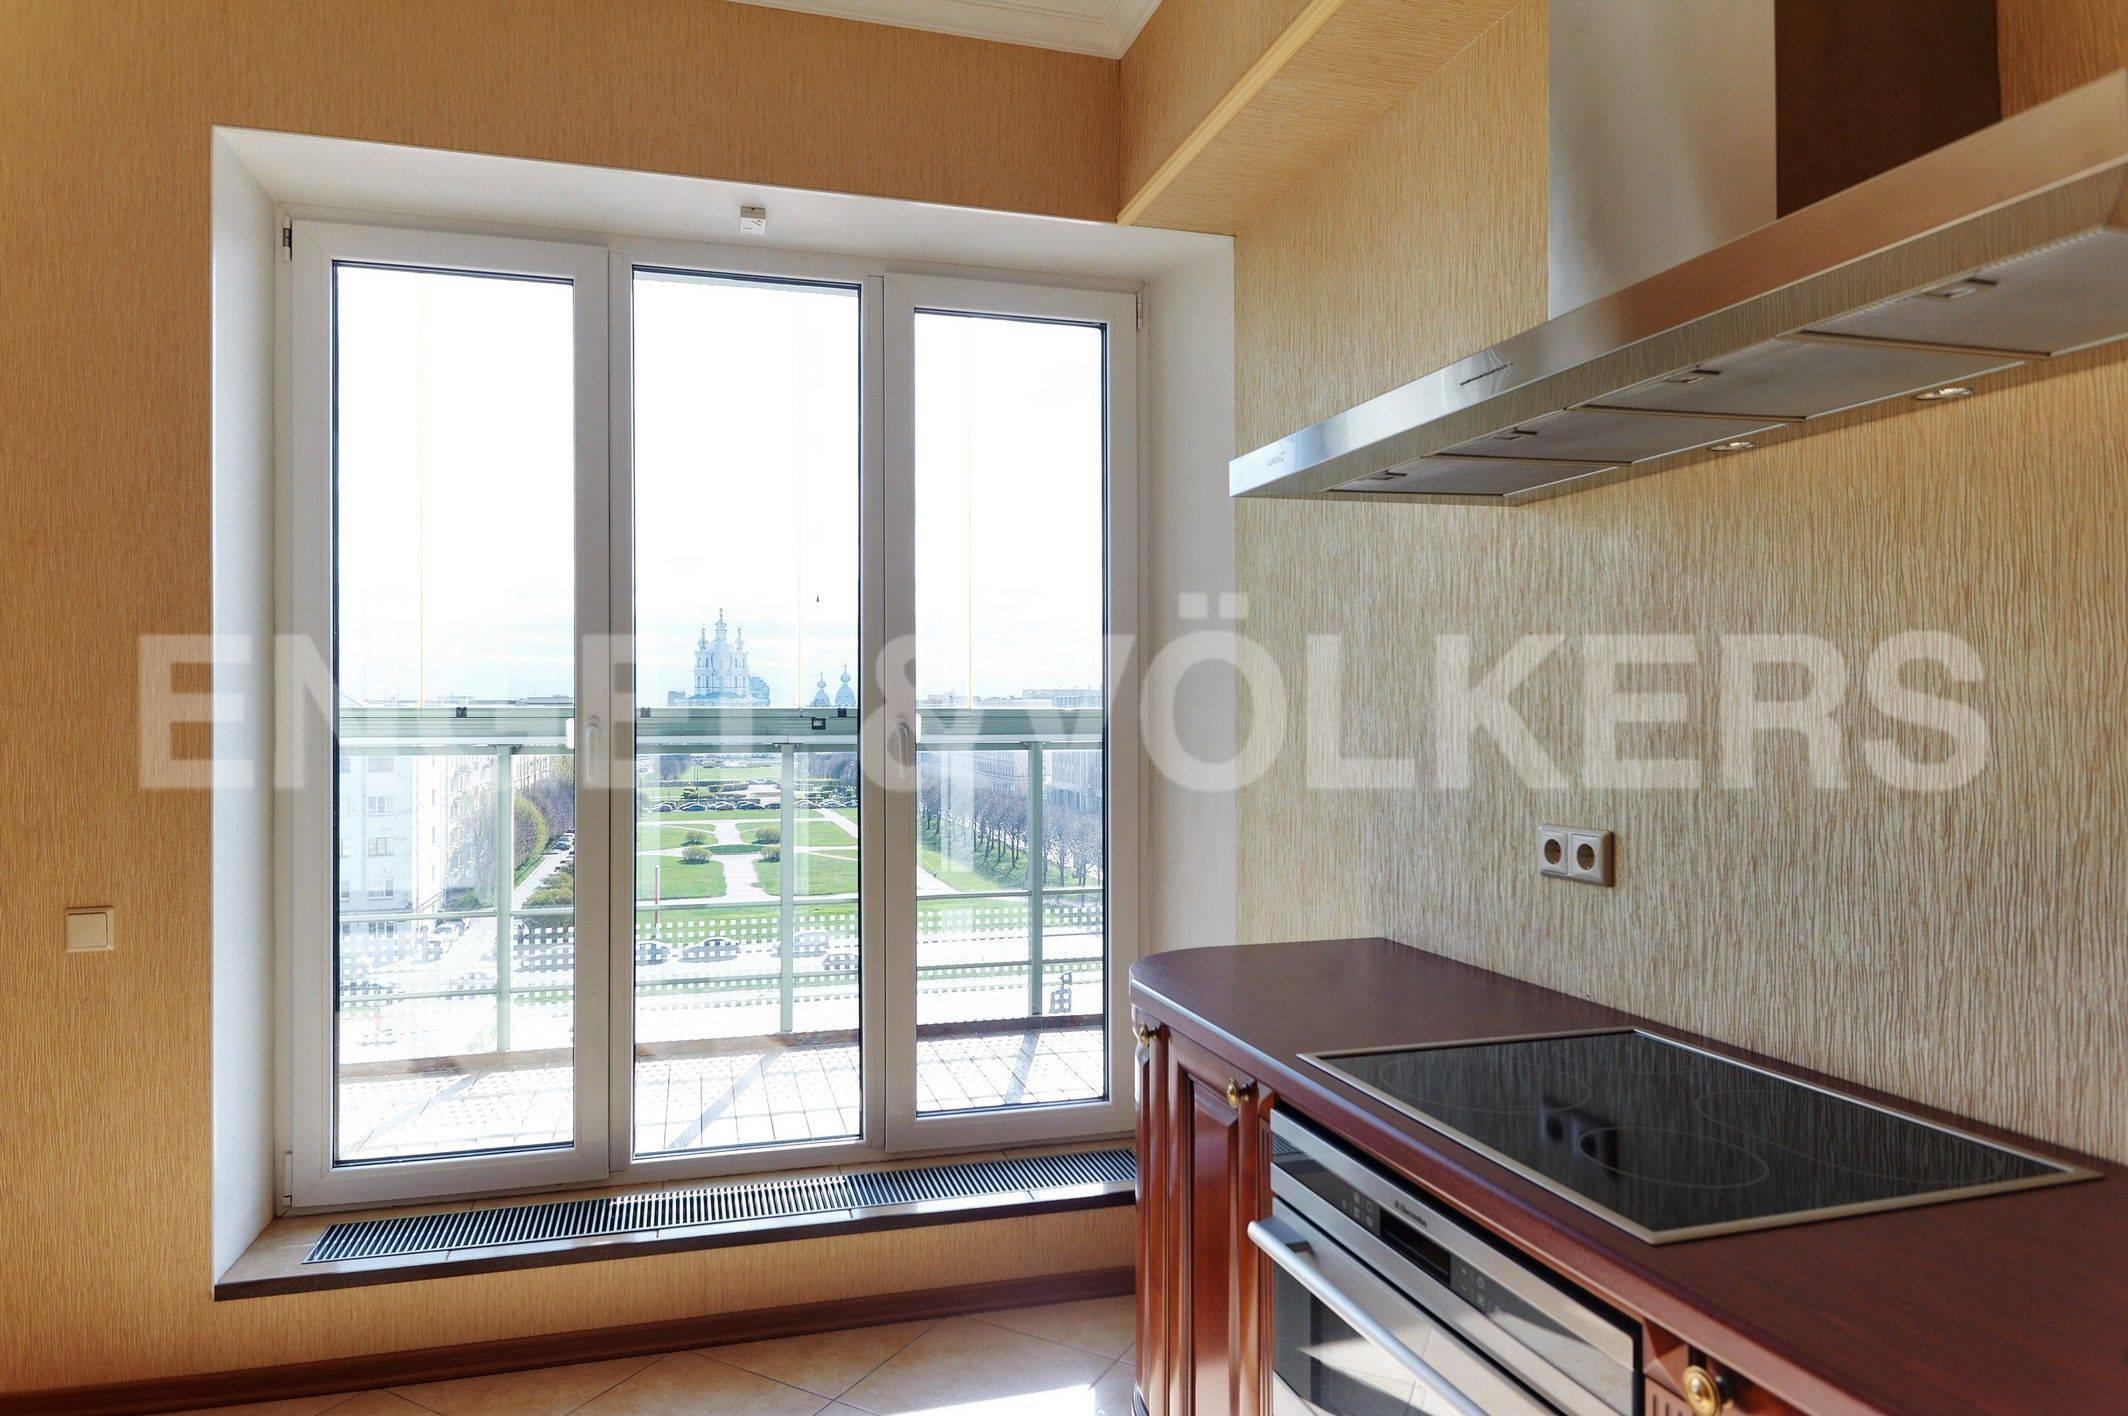 Элитные квартиры в Центральном районе. Санкт-Петербург, Шпалерная ул. 60. Панорамное окно в кухне-столовой